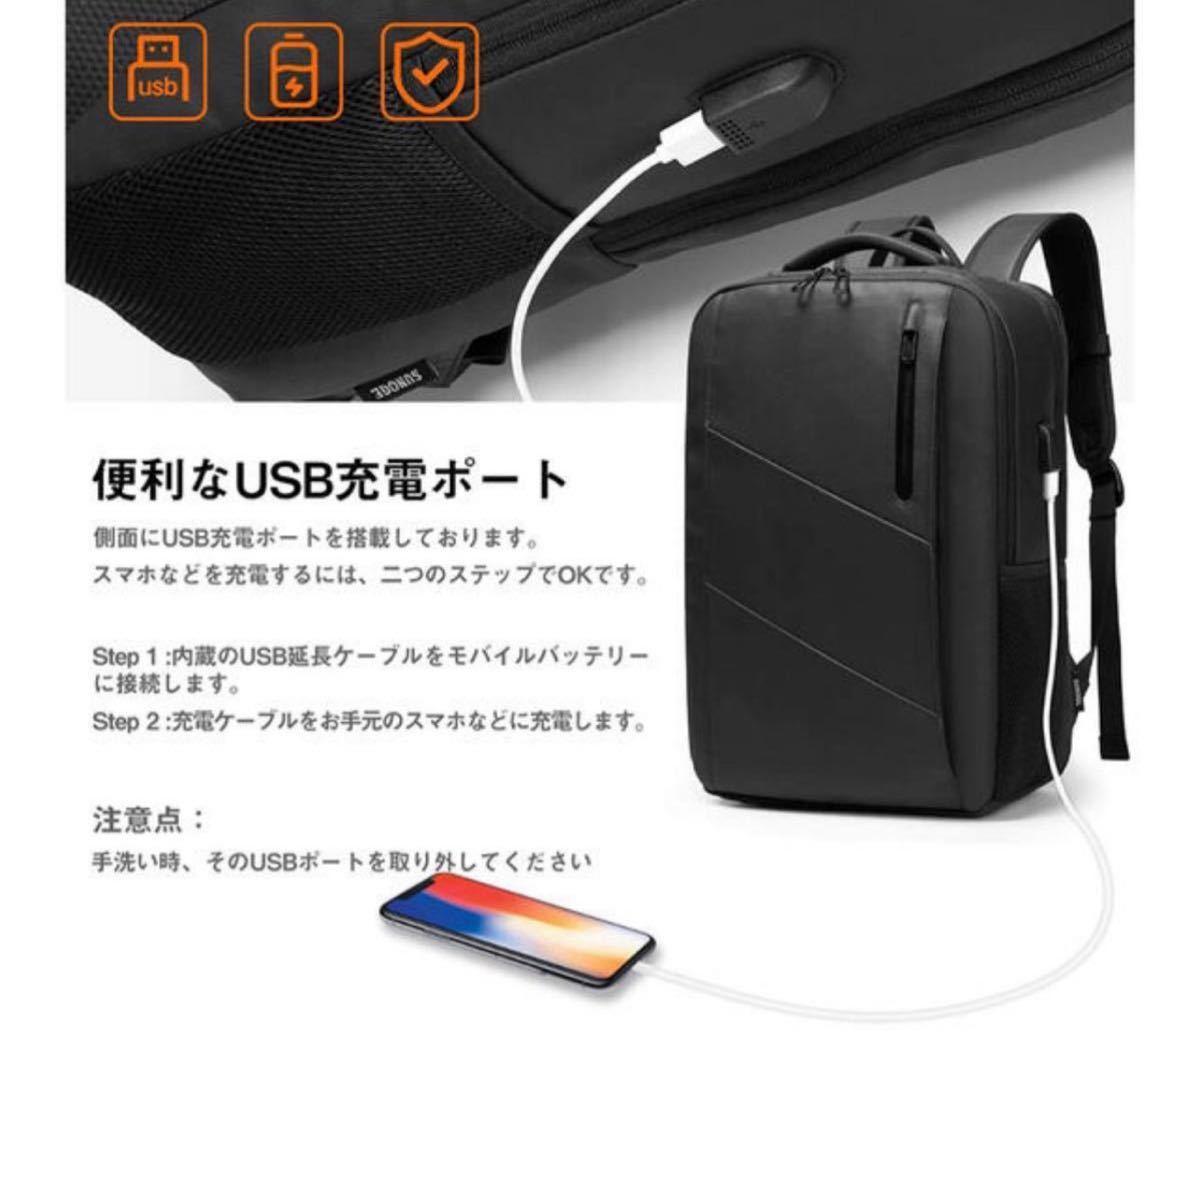 リュック ビジネスリュック 大容量 防水 3way USB 充電ポート付き